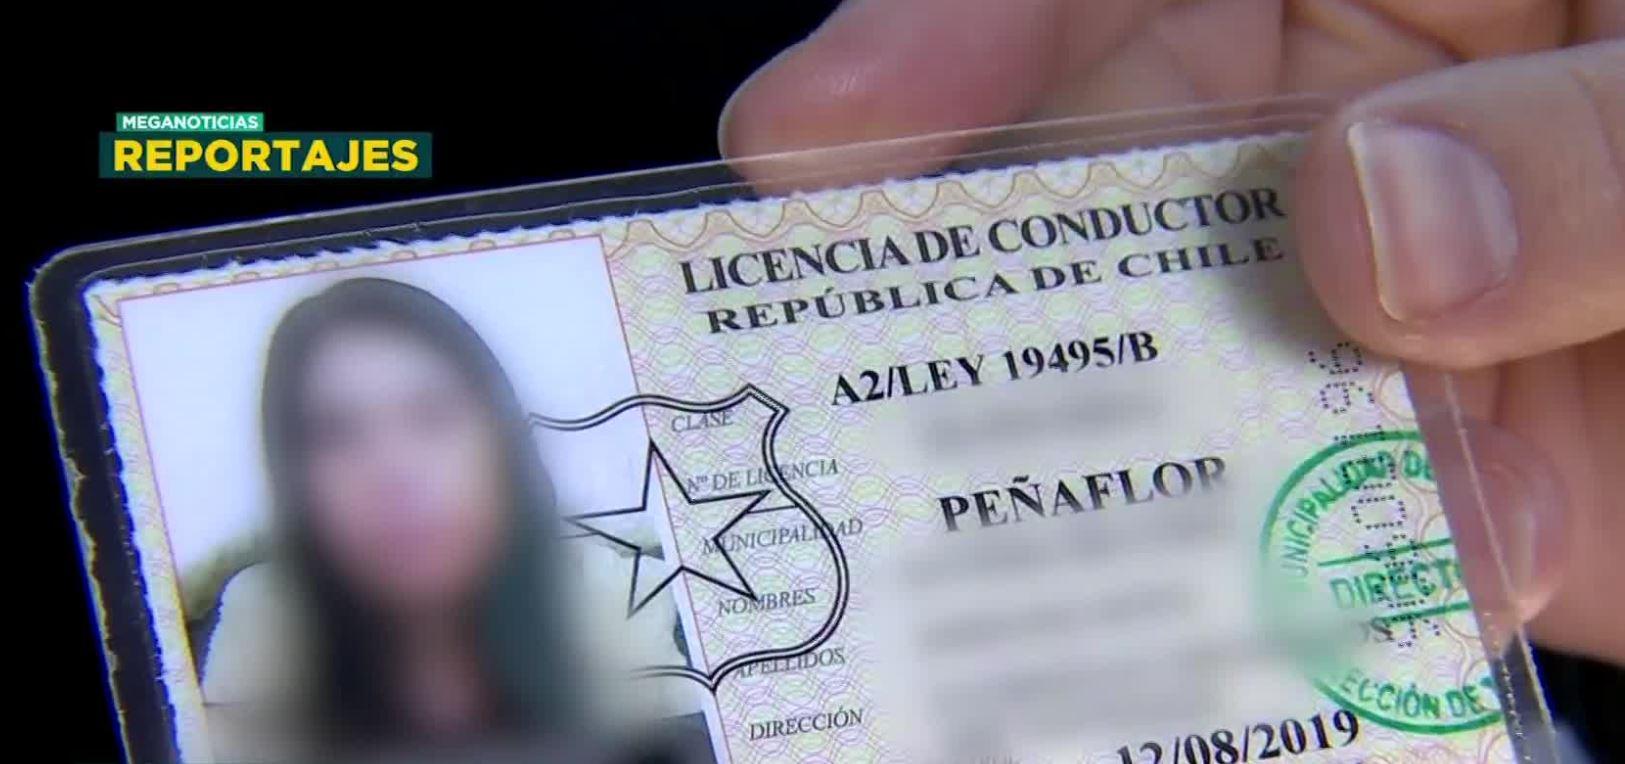 Fecha de renovación de la licencia de conducir extendida debido al coronavirus